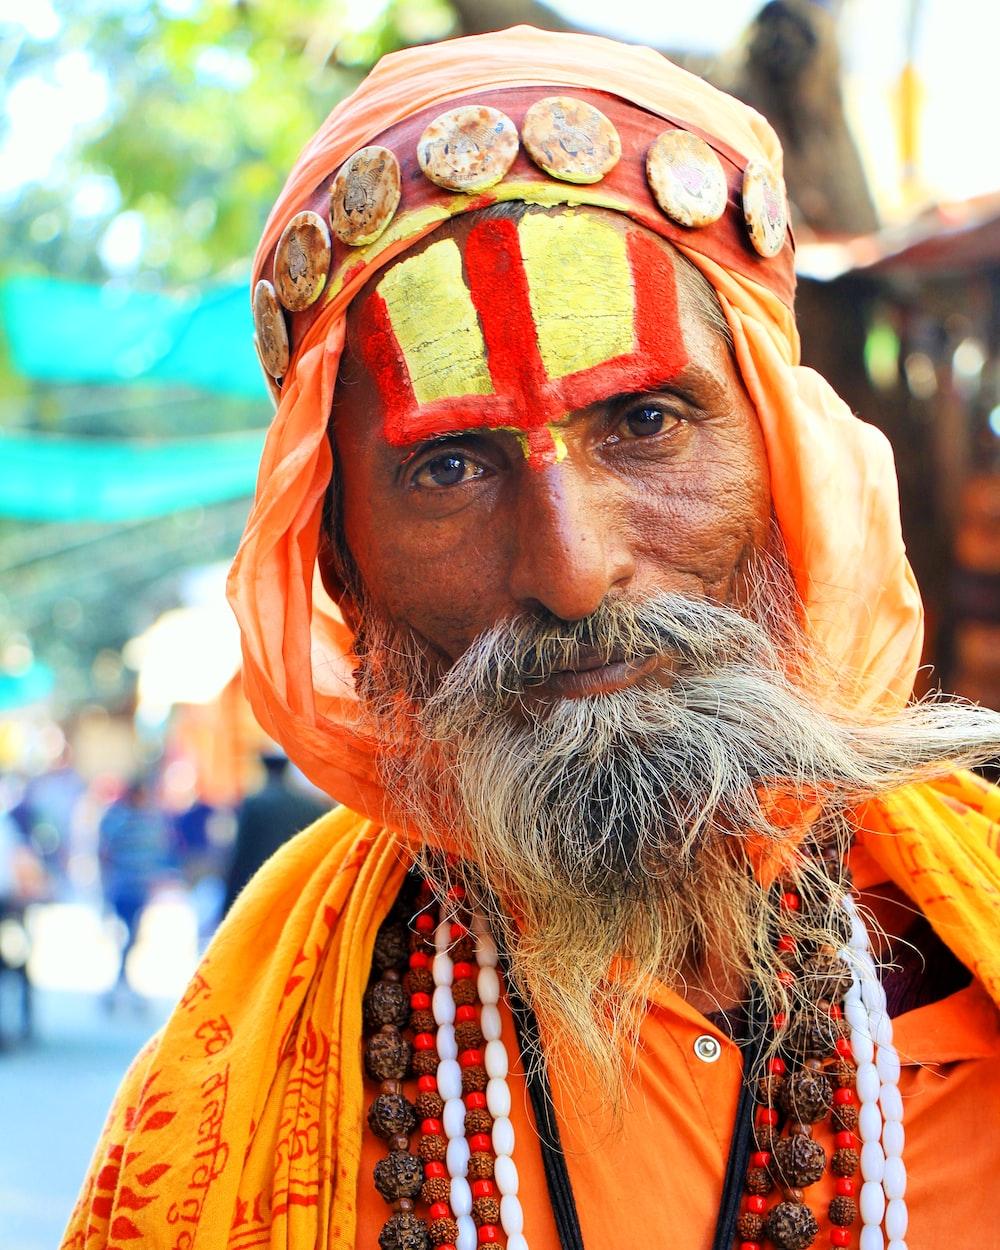 men's traditional man during daytime